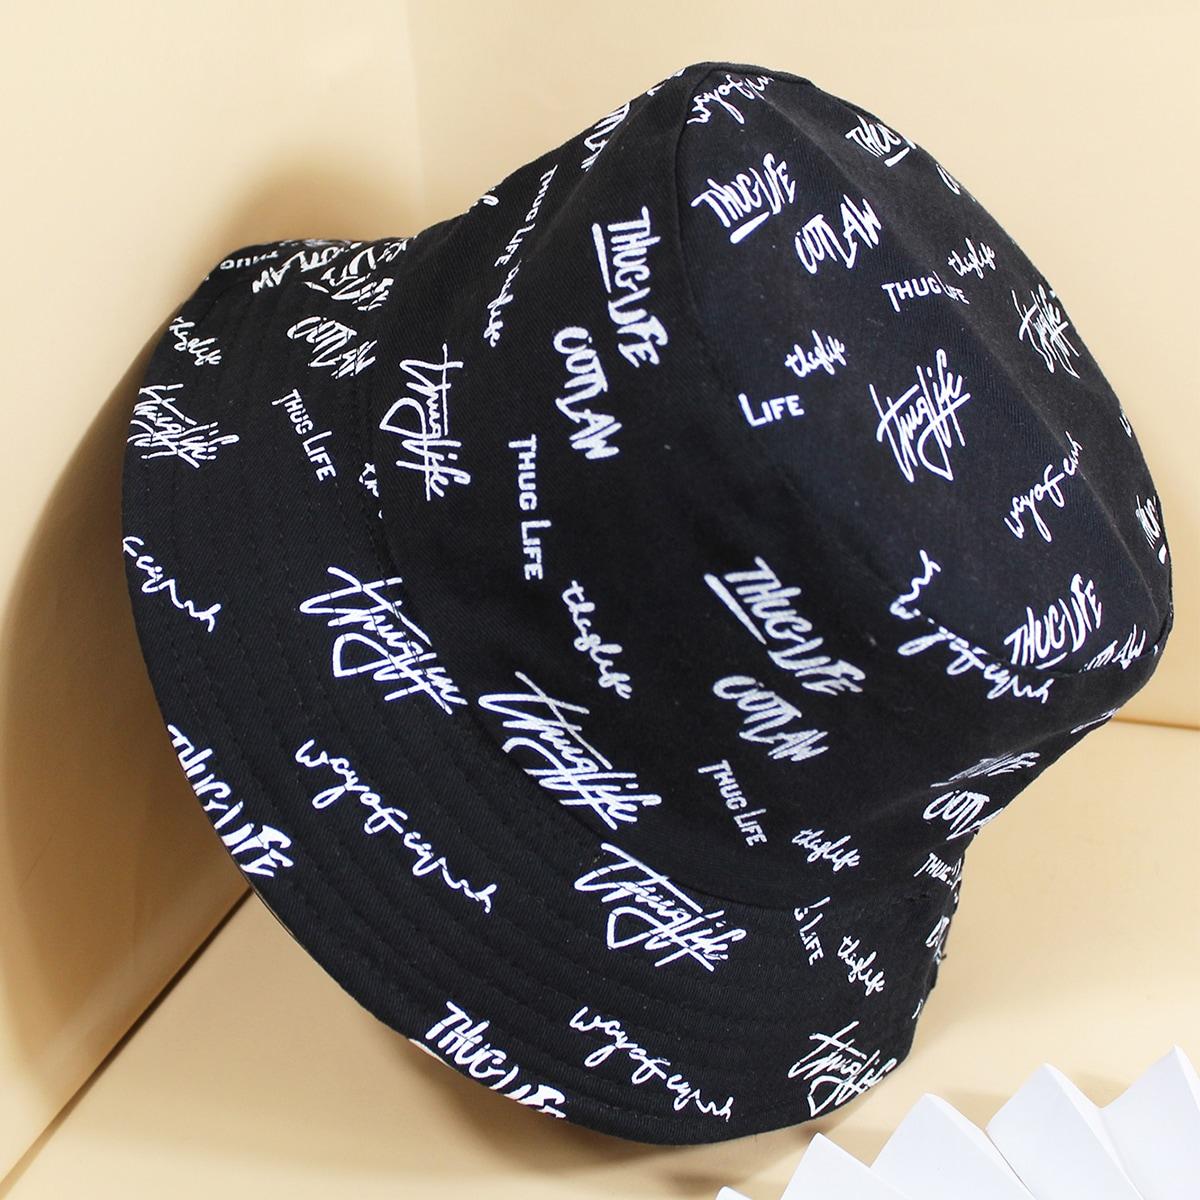 Двусторонняя шляпа-ведро с текстовым узором